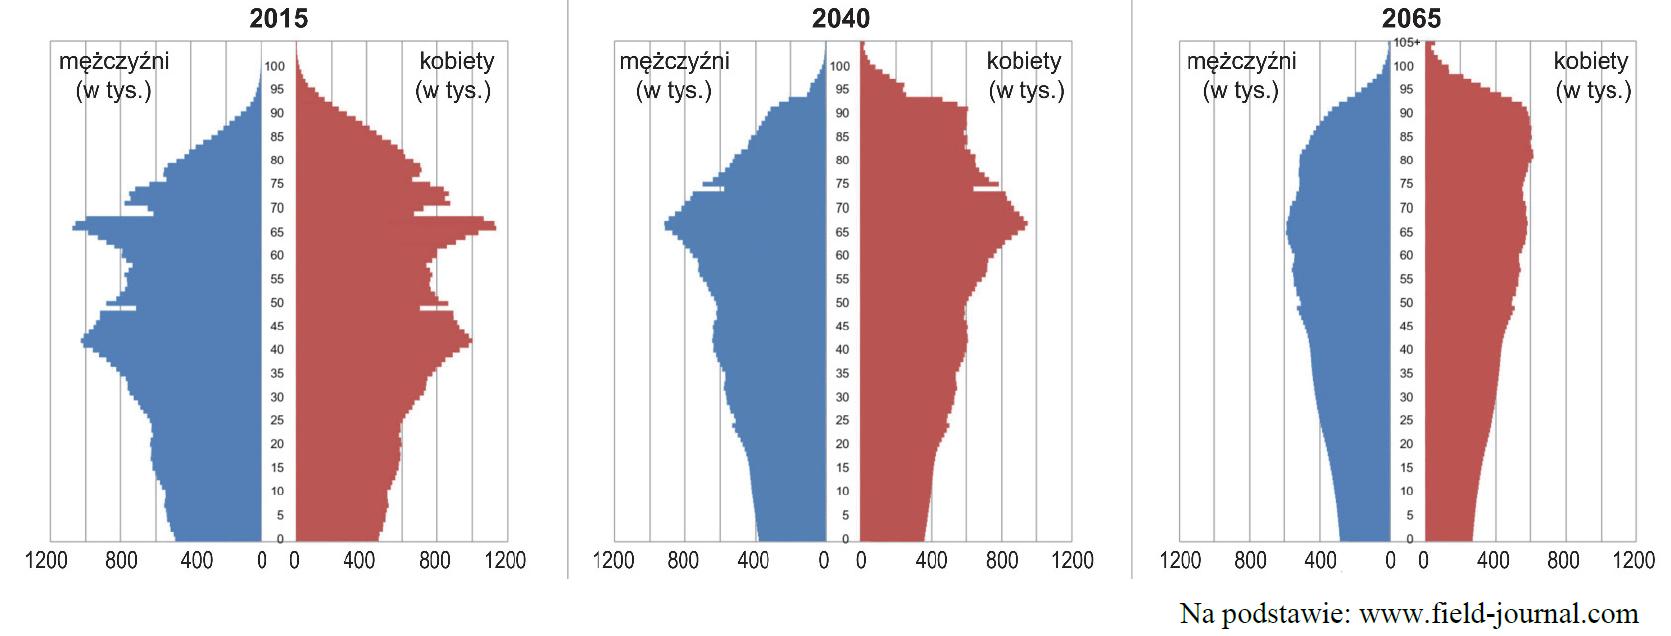 nowa matura zgeografii 2020 pr zadanie 24